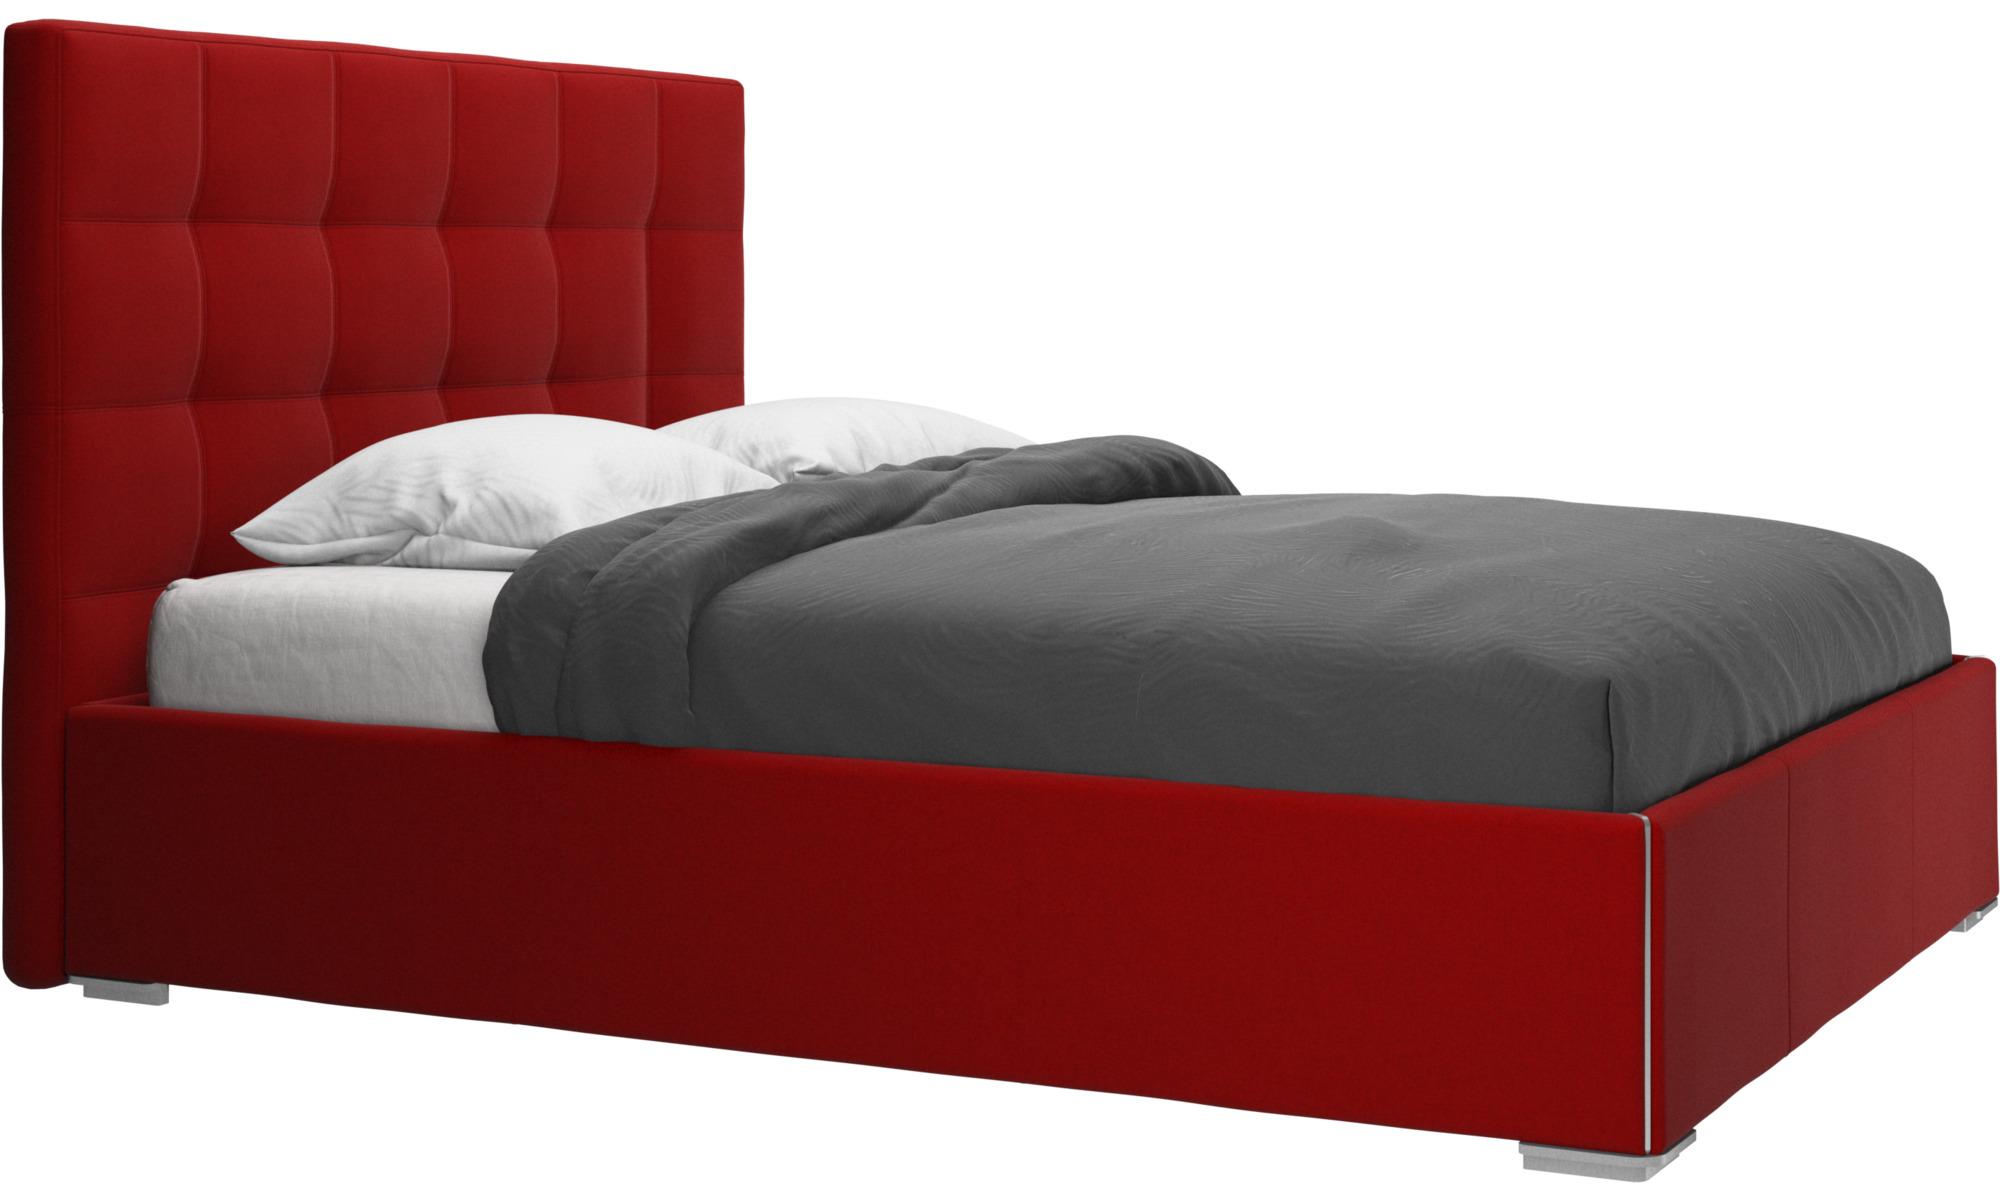 Camas - Cama Mezzo, no incluye colchón - Rojo - Tela